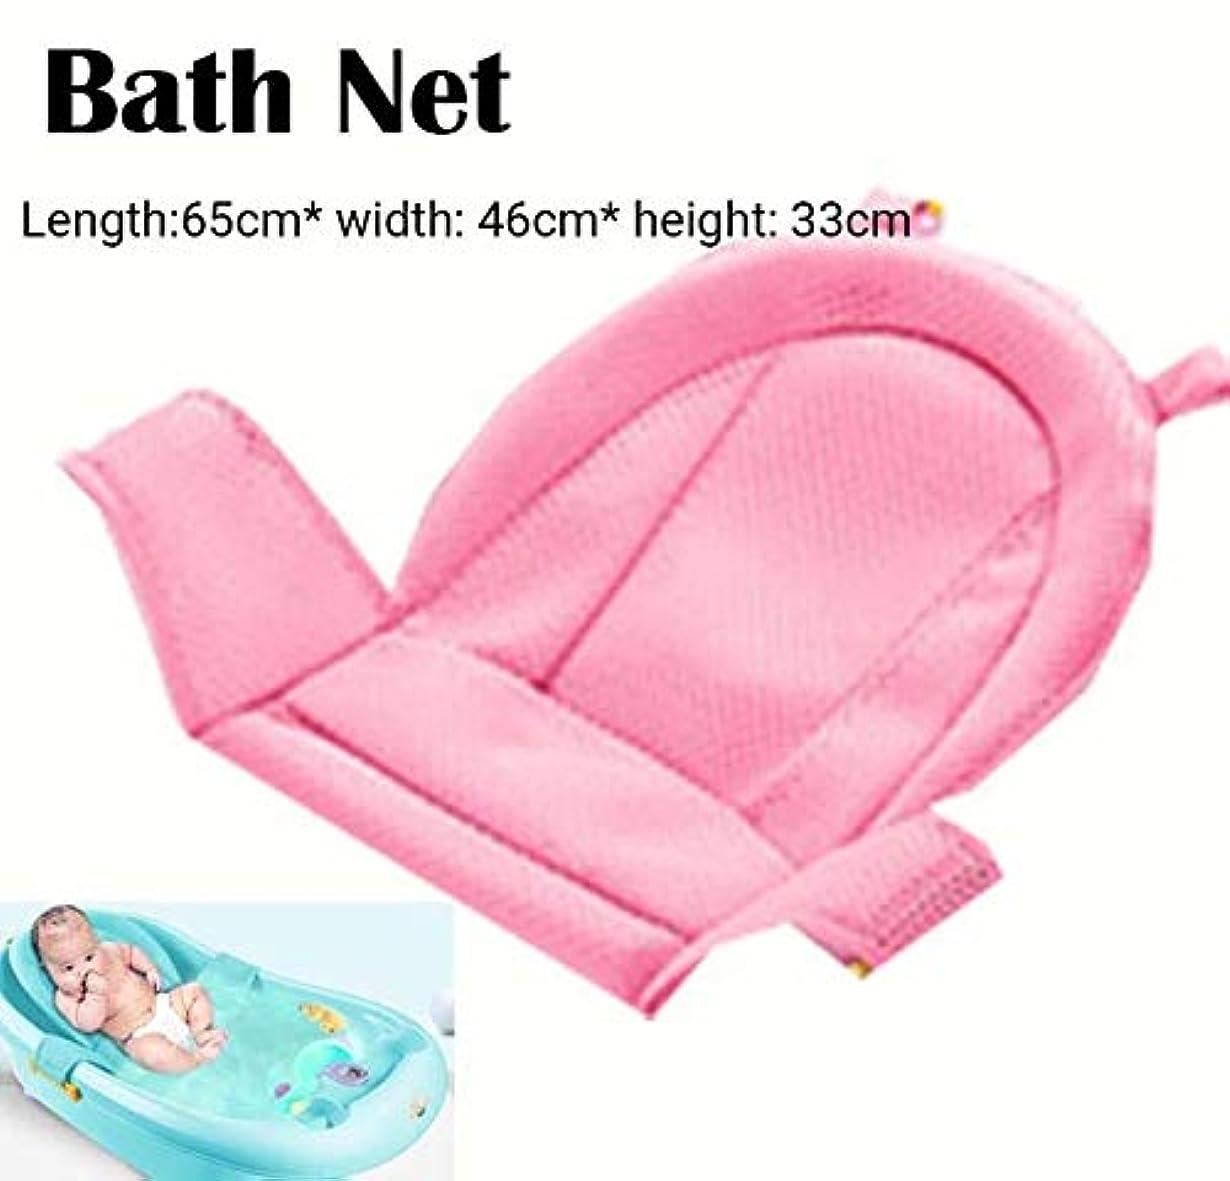 ナビゲーション落とし穴振る舞うSMART 漫画ポータブル赤ちゃんノンスリップバスタブシャワー浴槽マット新生児安全セキュリティバスエアクッション折りたたみソフト枕シート クッション 椅子